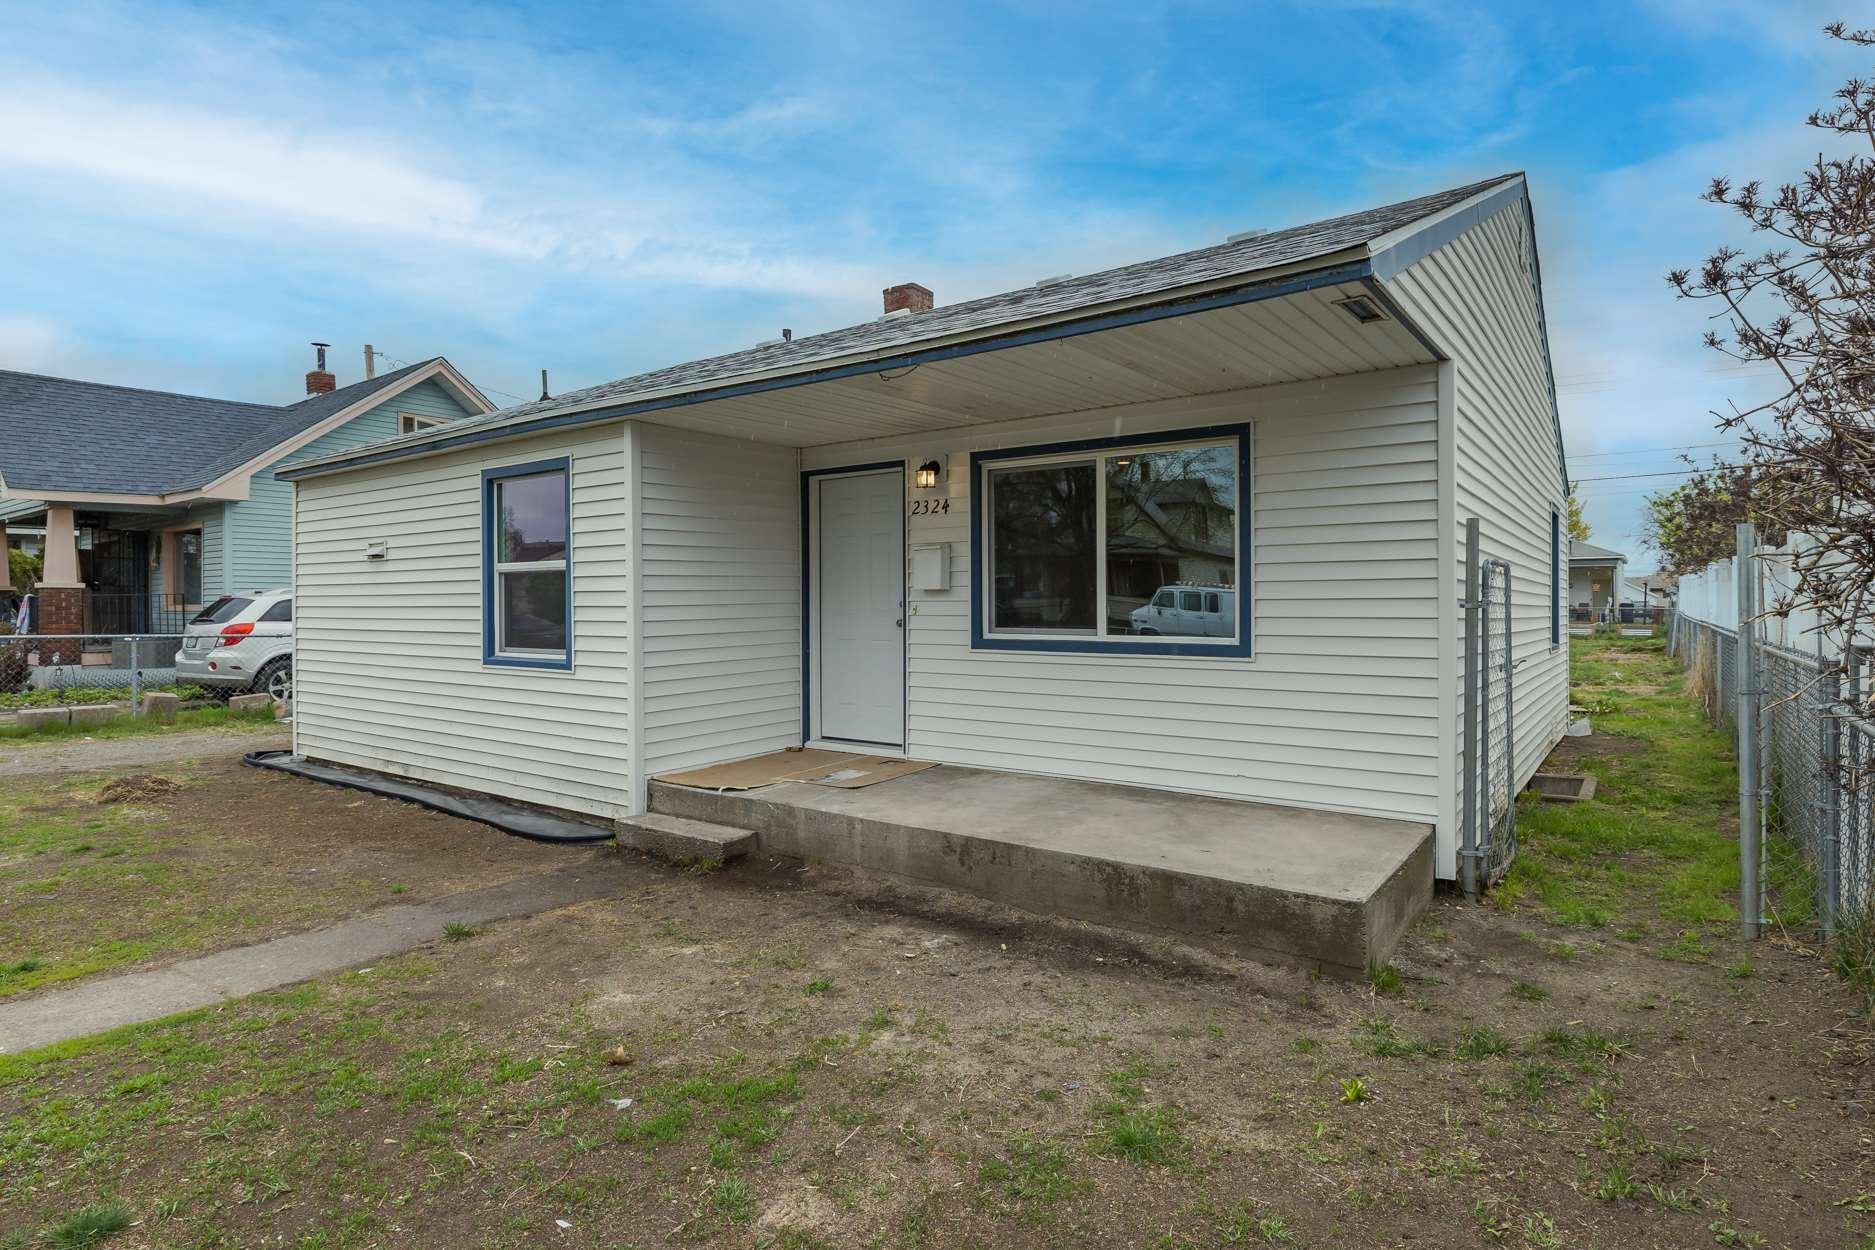 2324 E Sanson Ave, Spokane, WA 99217 - #: 202114556